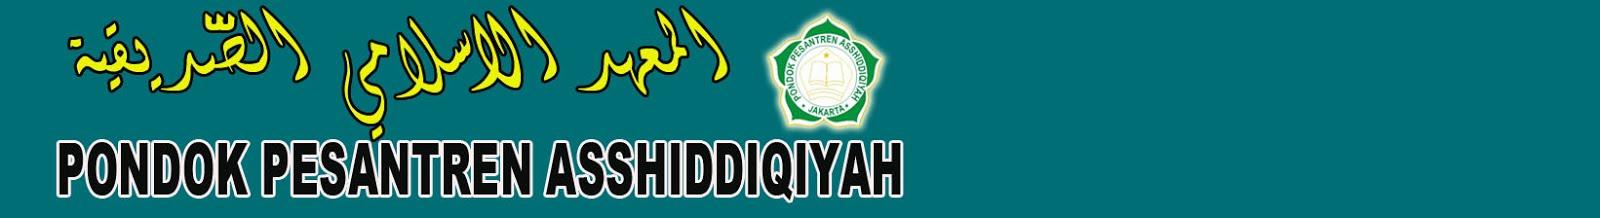 Pondok Pesantren Asshiddiqiyah